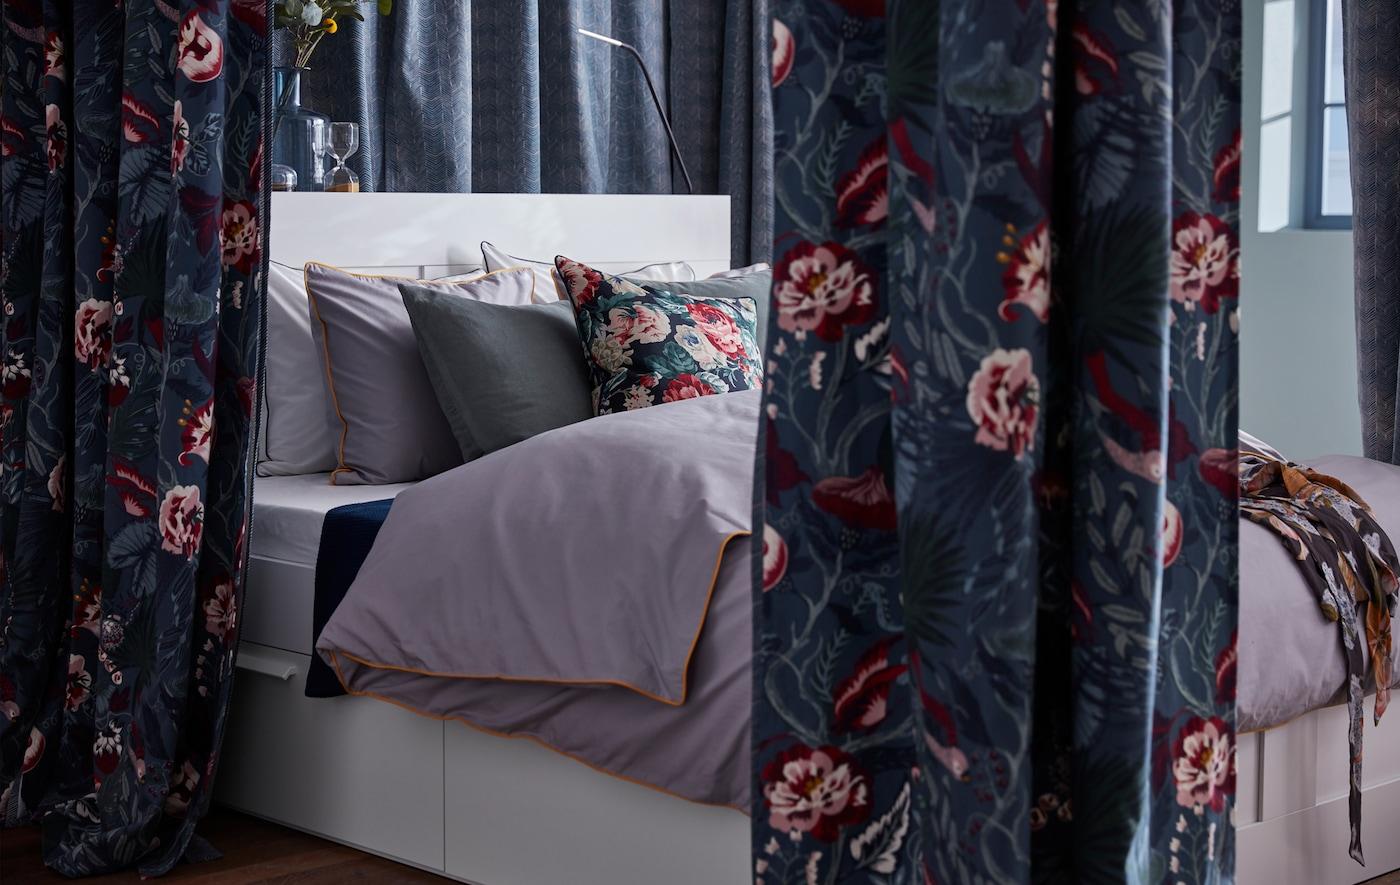 Ein Bett, eingefasst durch mehrere Vorhänge aus der IKEA FILODENDRON Meterware in Dunkelblau/geblümt